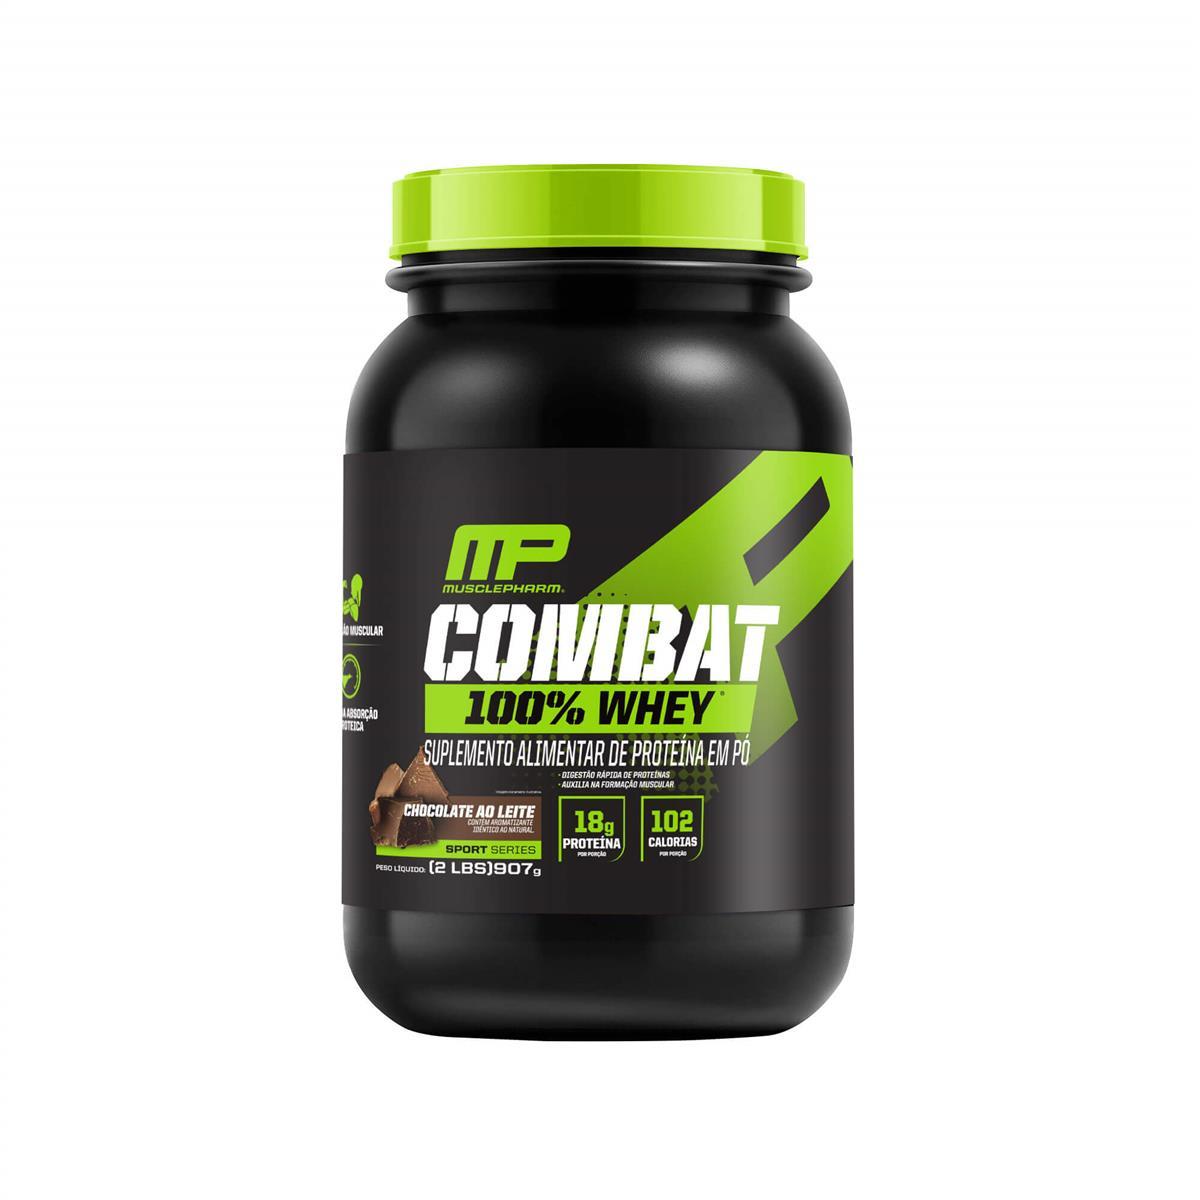 COMBAT 100% WHEY (907g) - Chocolate - Muscle Pharm